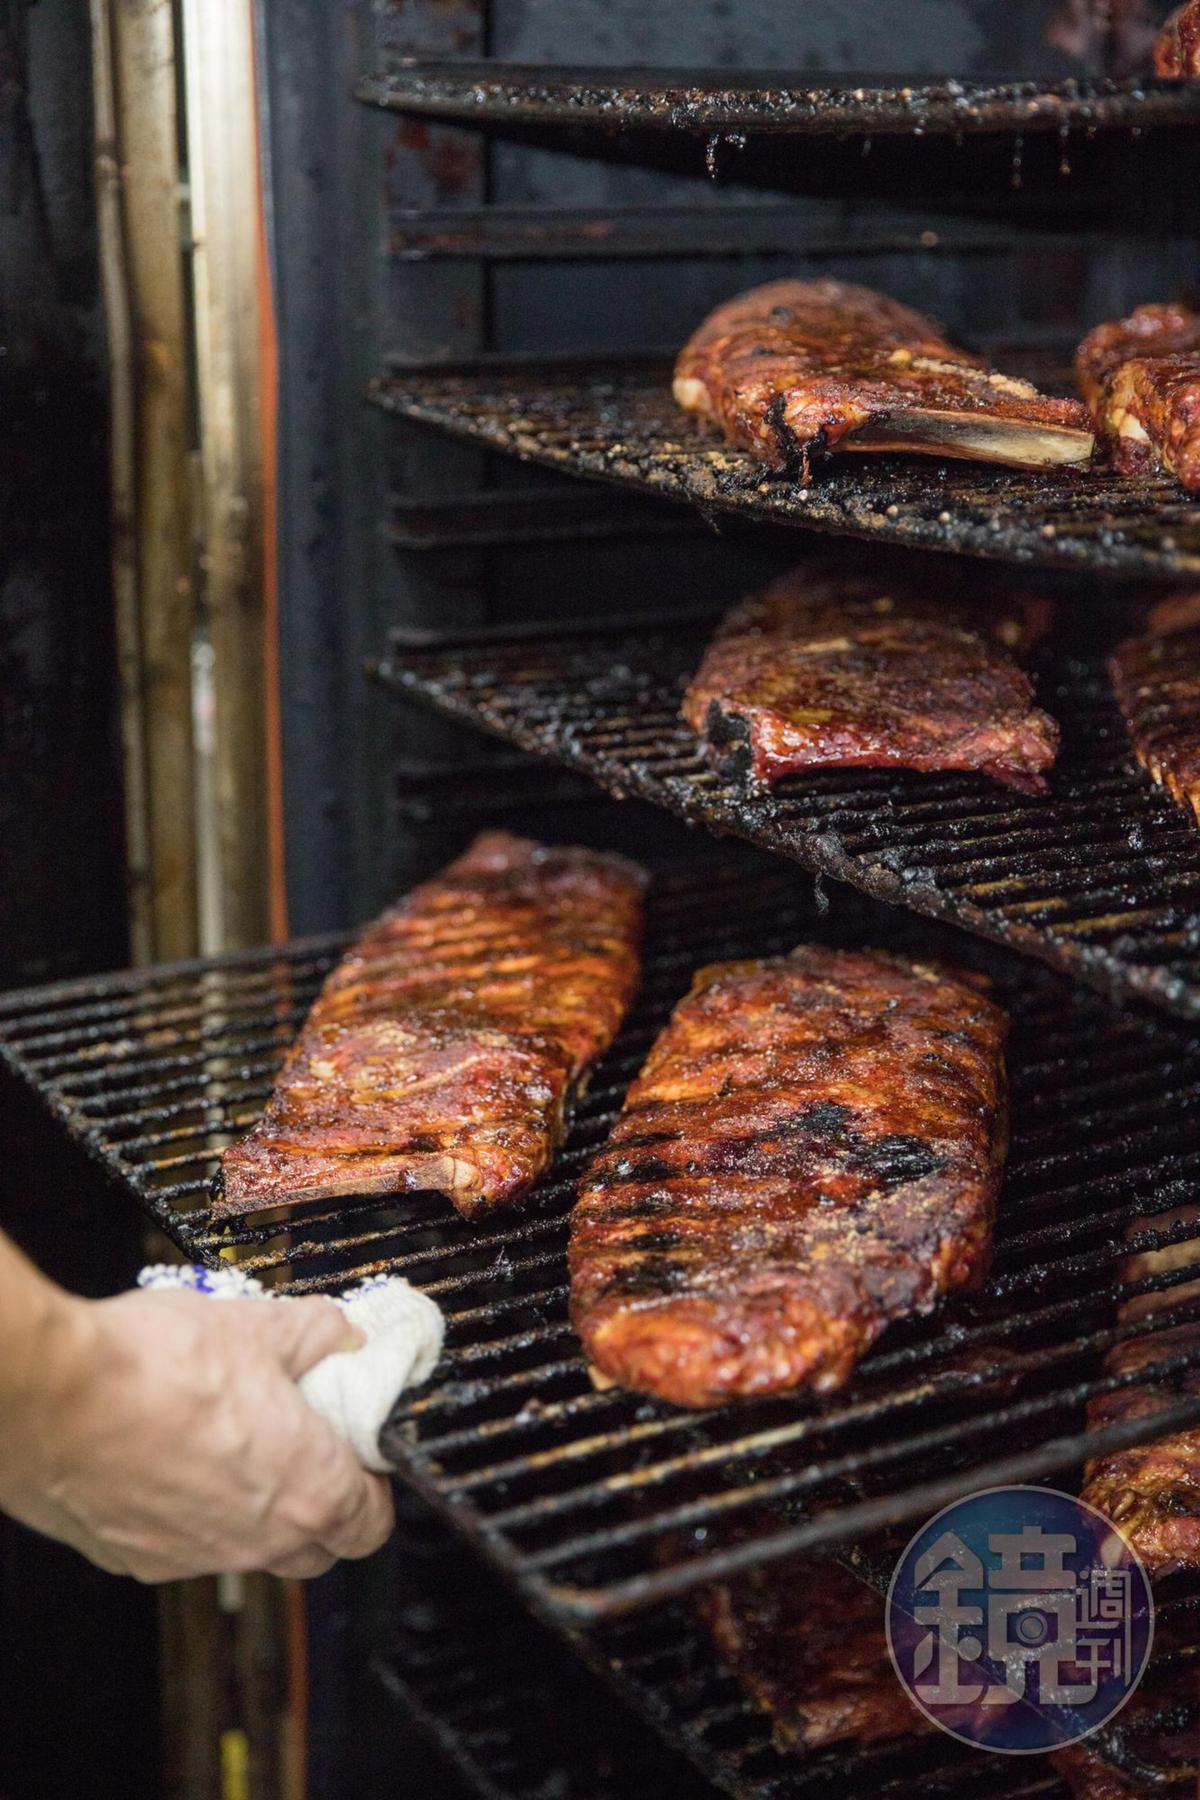 道地美式BBQ是低溫慢烤煙燻,以時間換取美味。